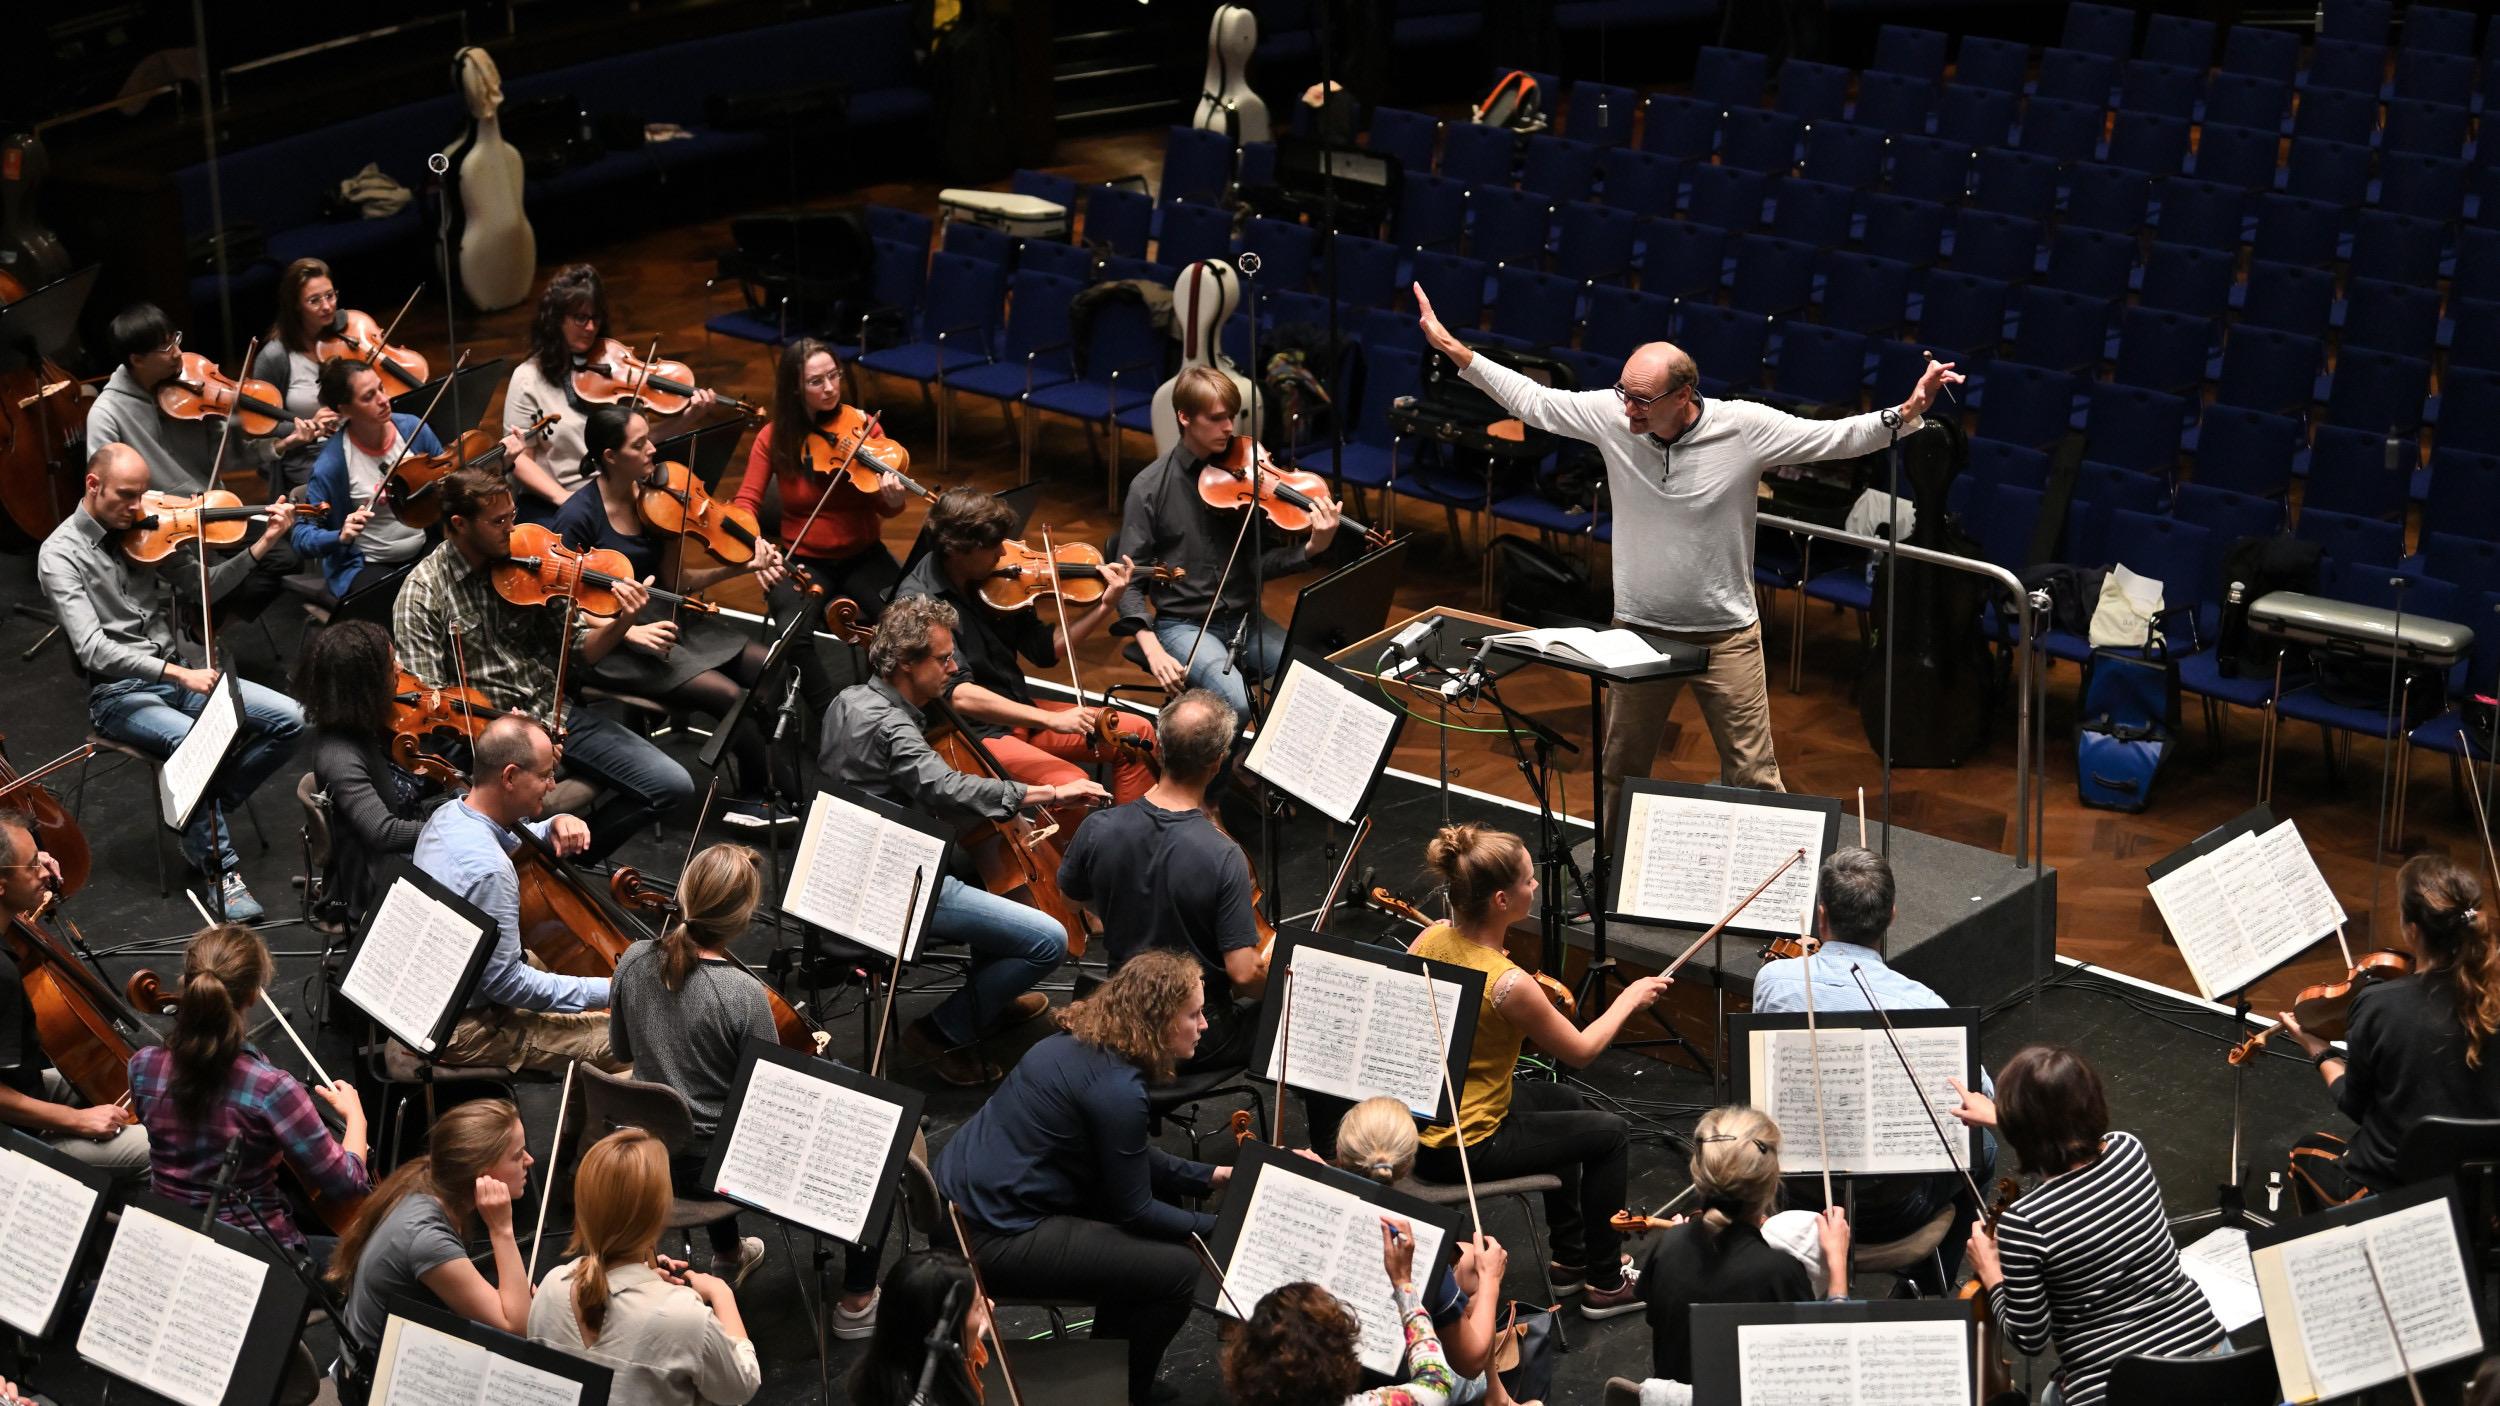 Die Freunde der NDR Radiophilharmonie stellen den Probenbesuch zur Saisoneröffnung vor. Foto: Carsten P. Schulze